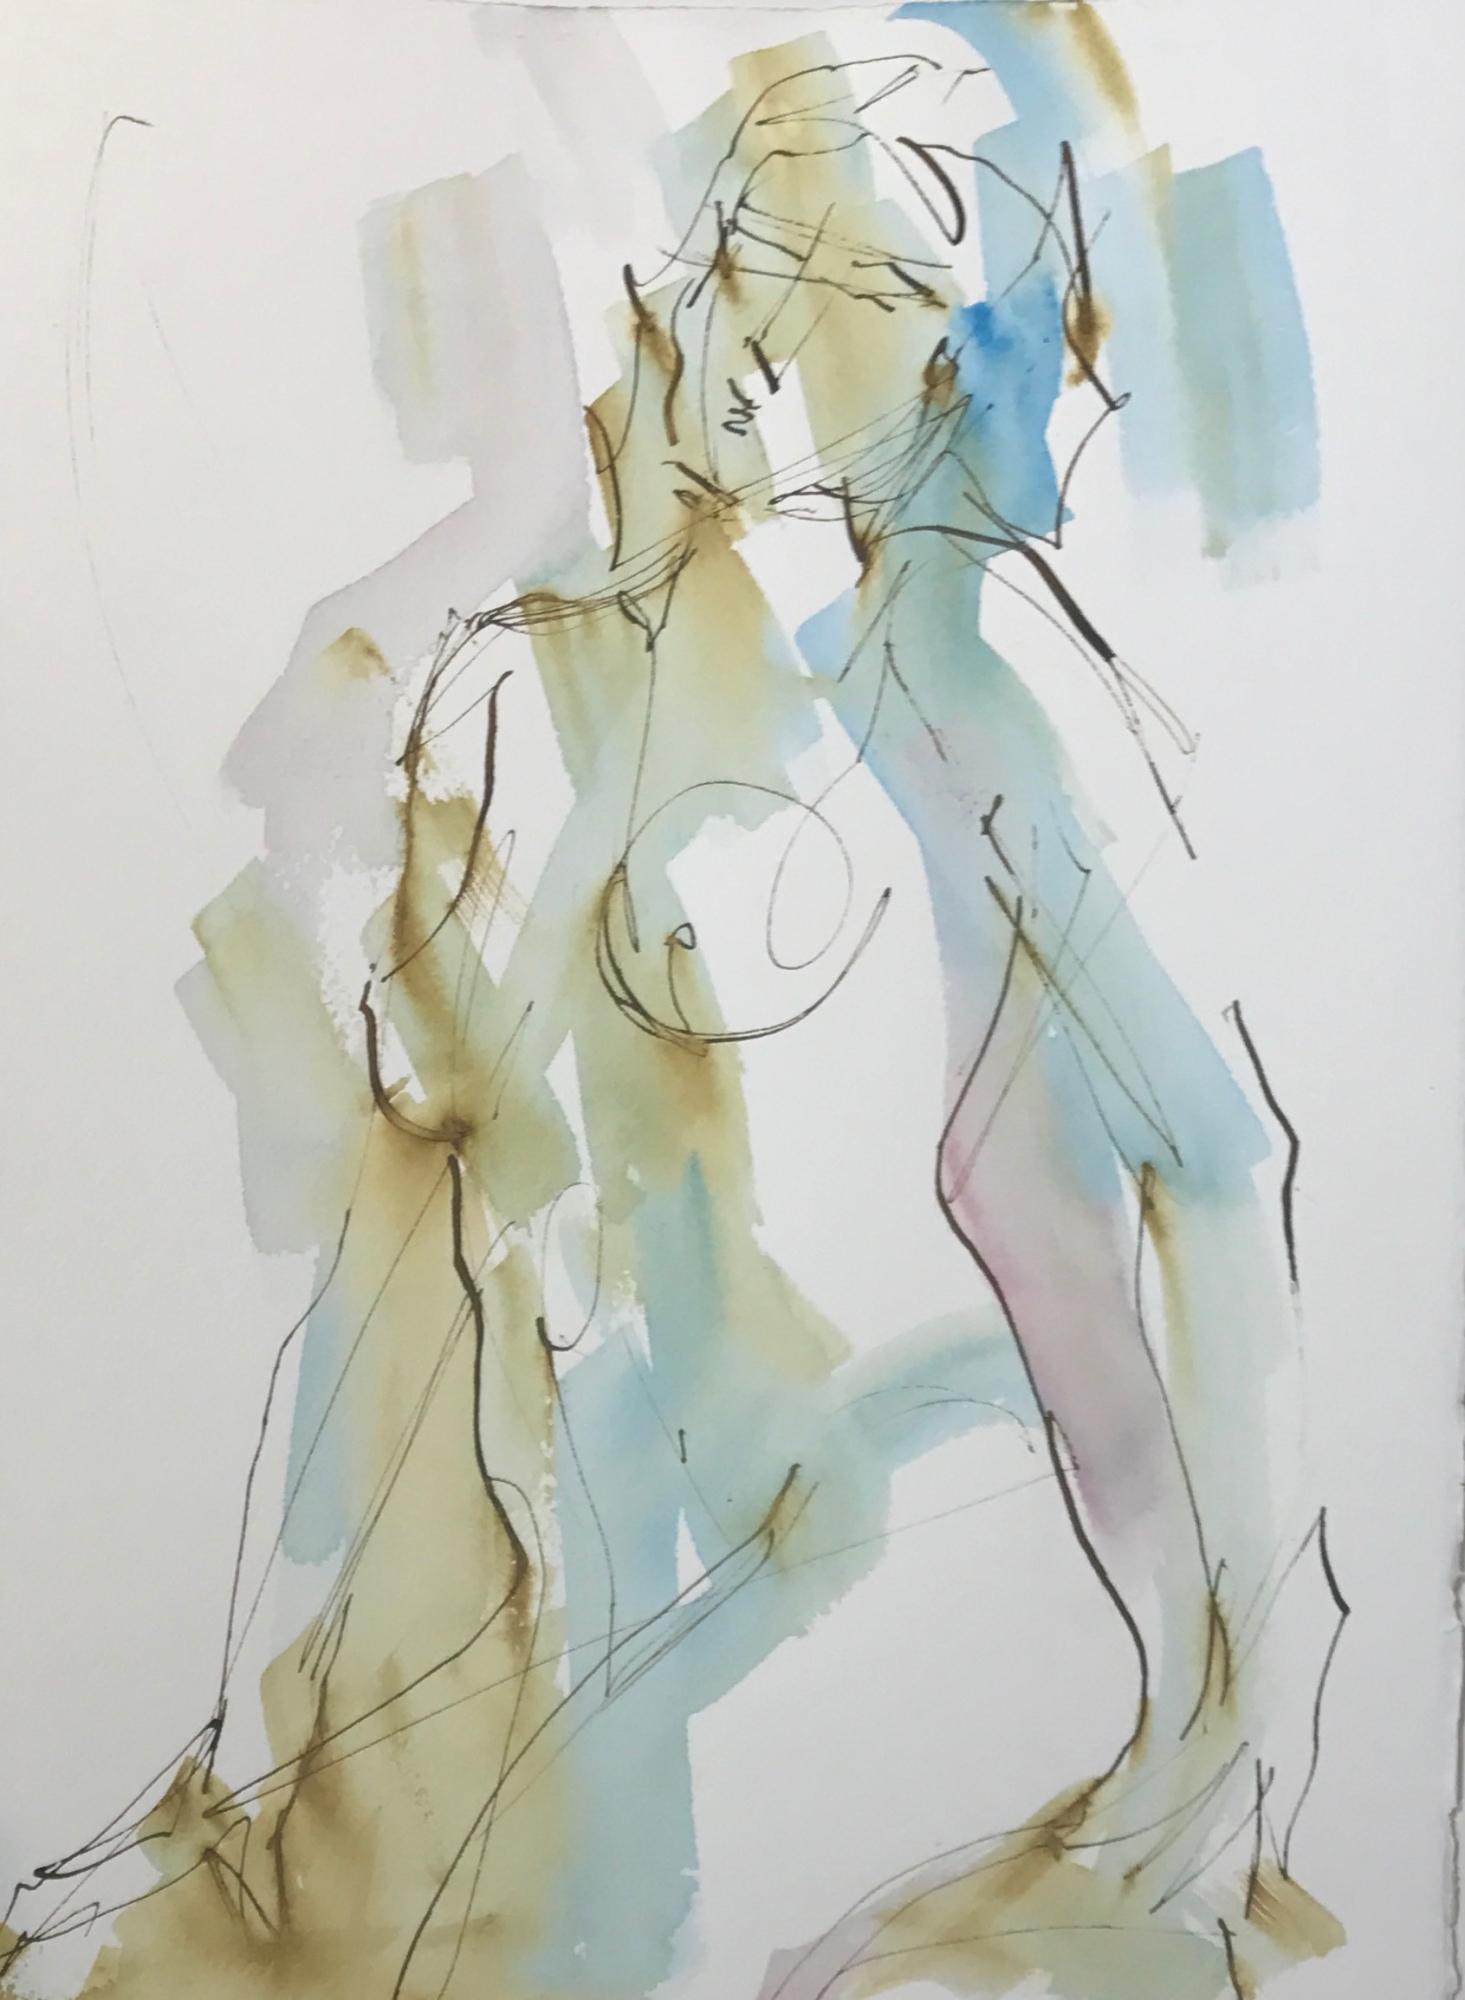 Nude Twist 2 by Mel Delija